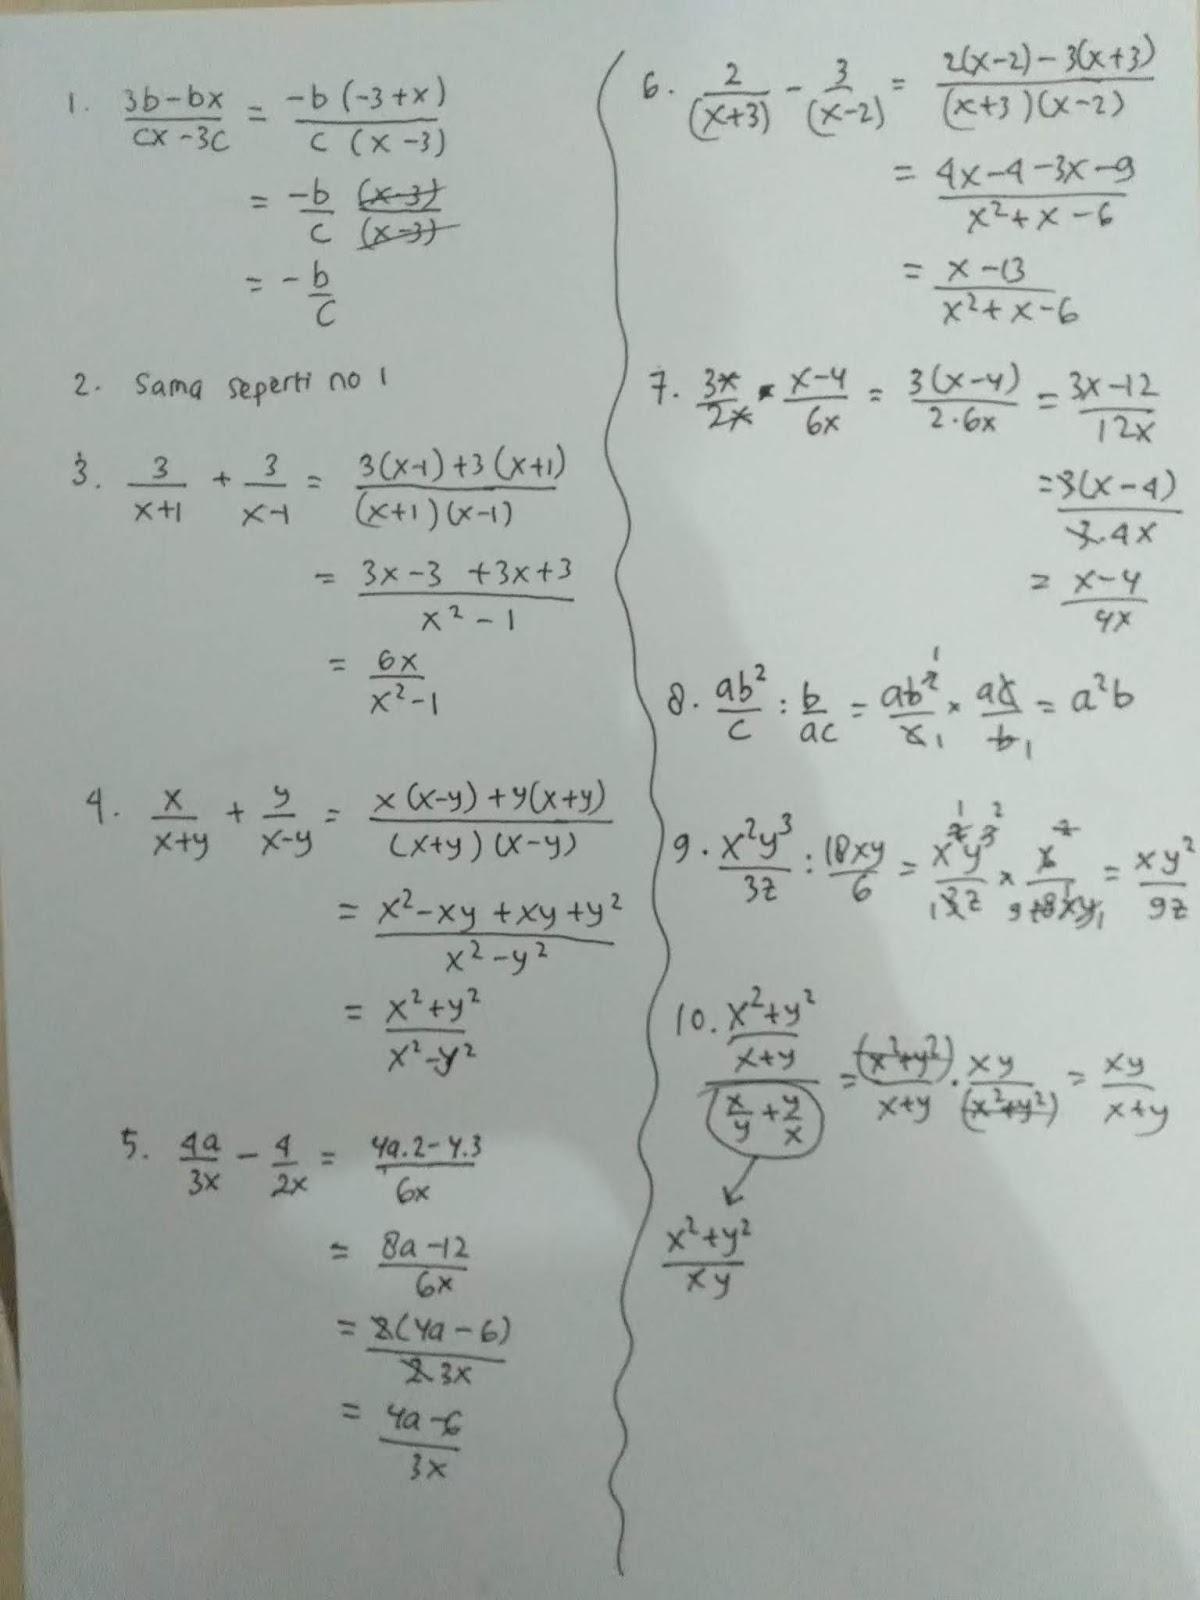 Kunci jawaban mari belajar matematika kelas 5 halaman 15 evaluasi diri 4. Soal Dan Jawaban Ayo Berlatih 3 5 Aljabar Matematika Kelas 7 Halaman 238 M4thguru